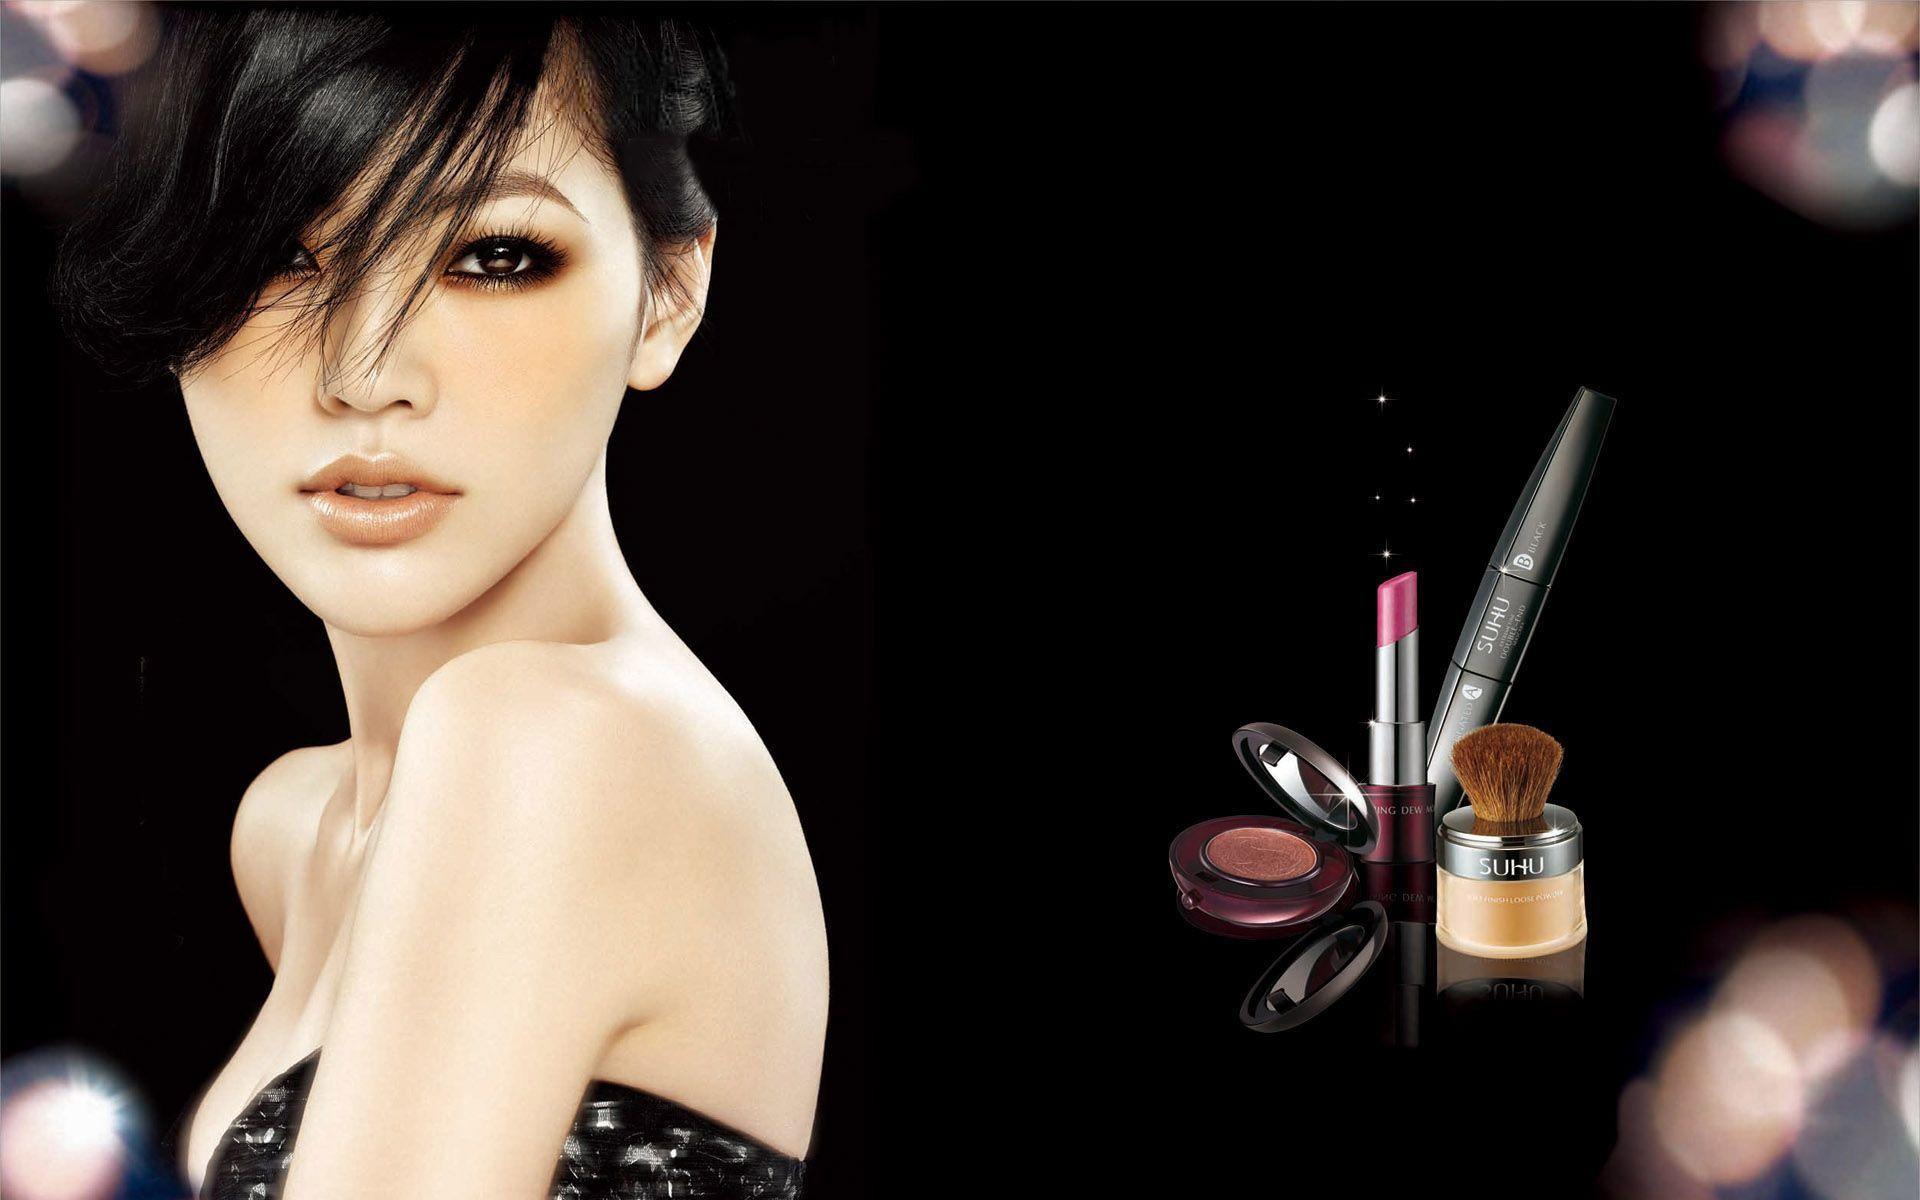 рекламный постер косметики